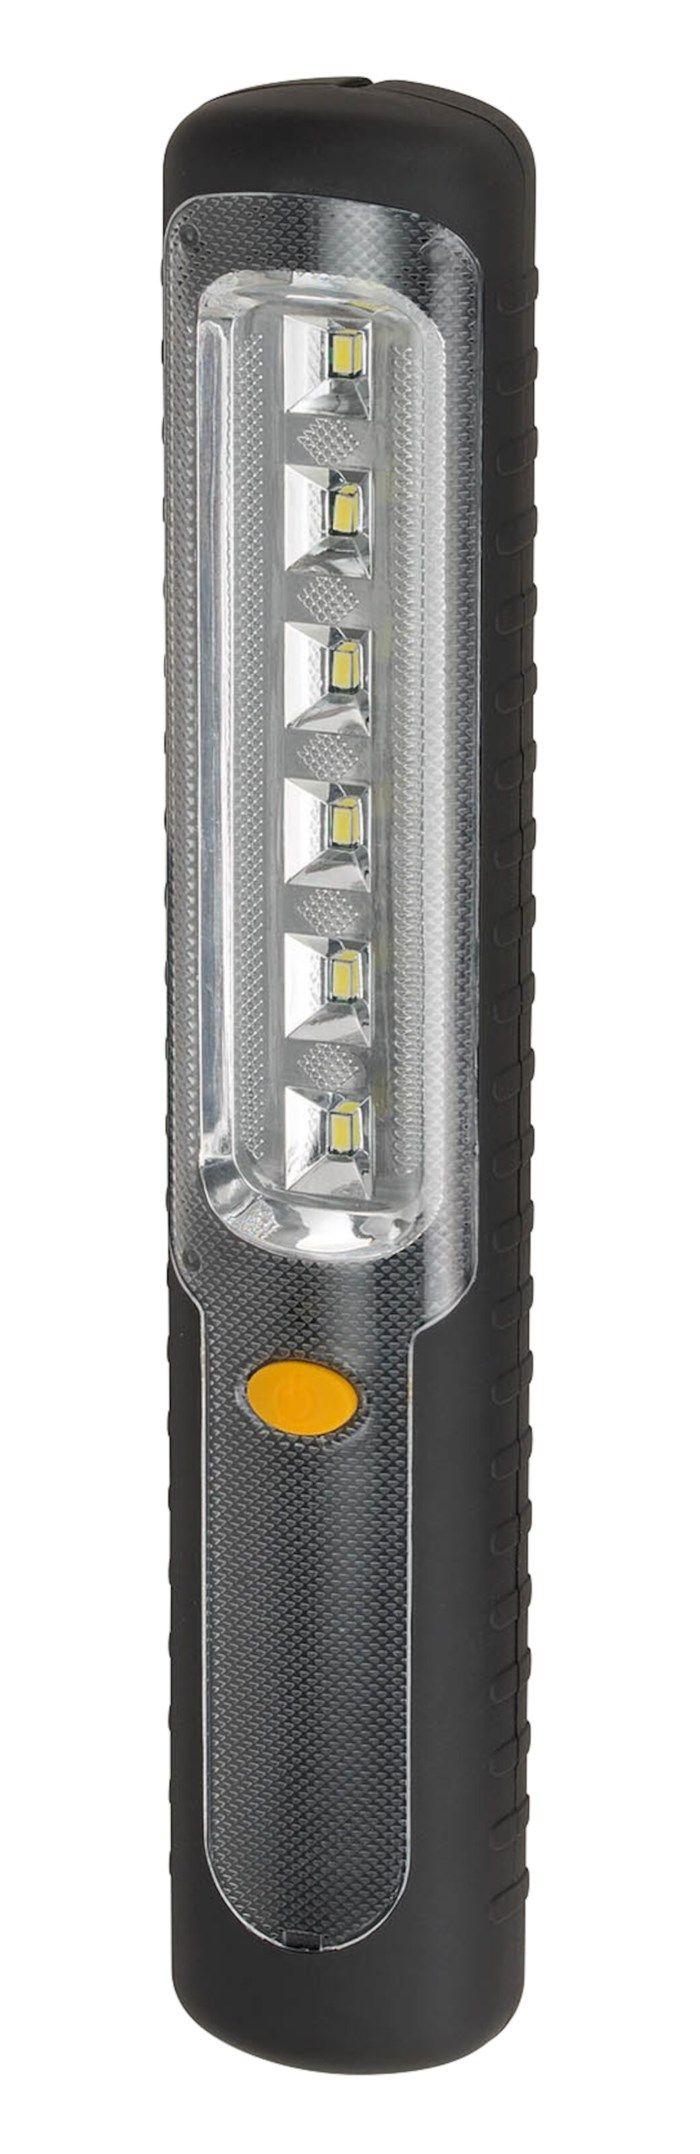 Brennenstuhl Laddningsbar handlampa 6x LED